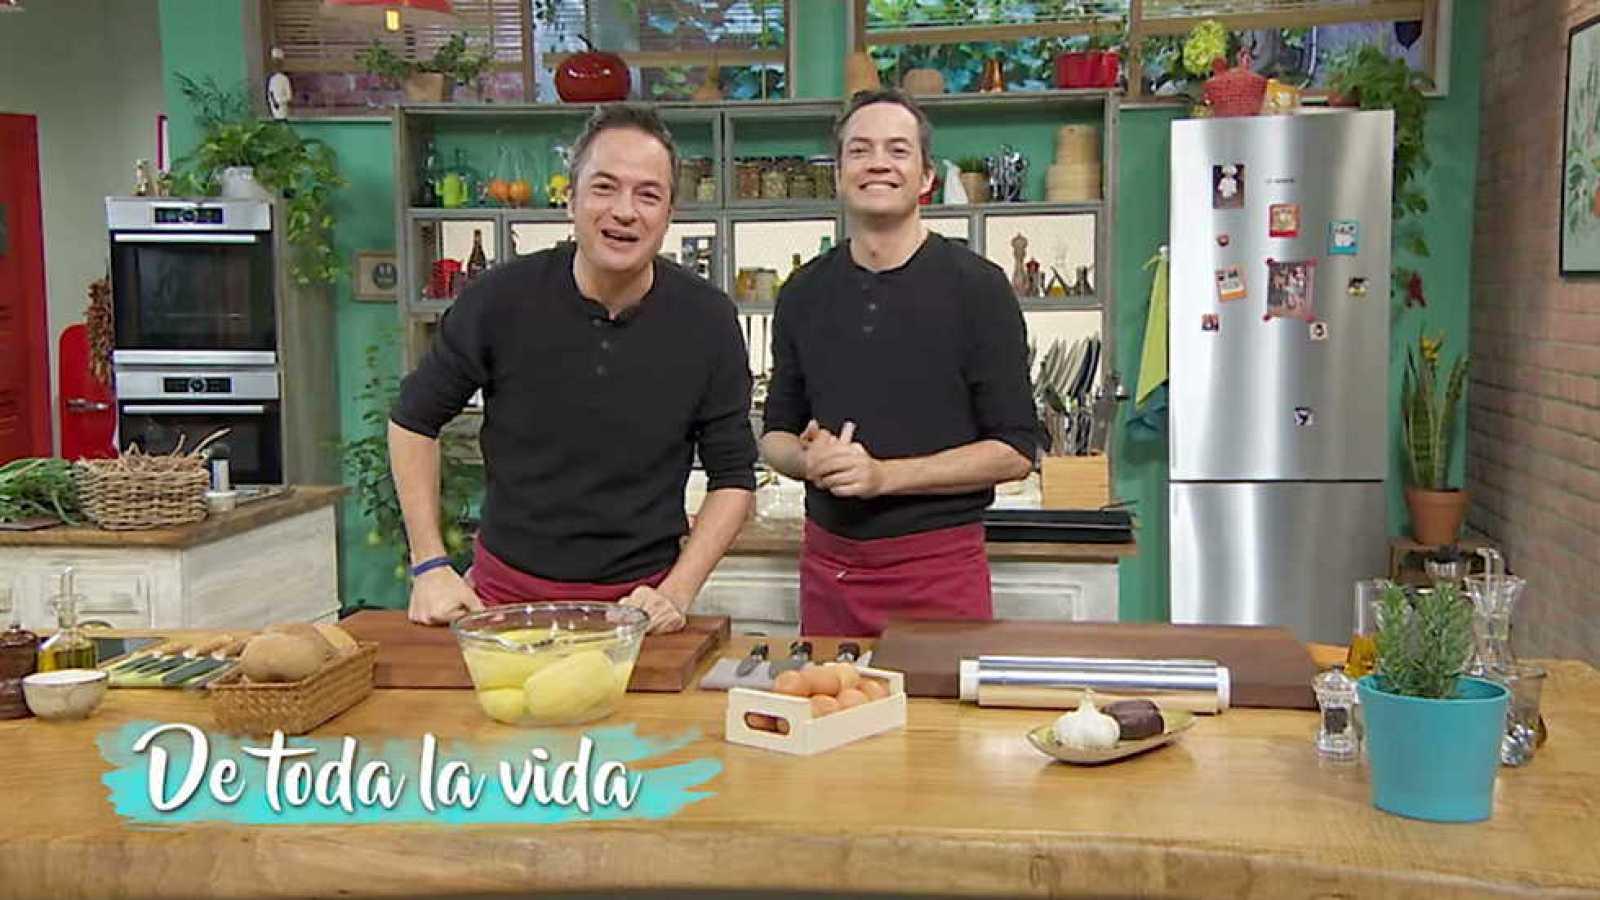 Torres en la cocina - De toda la vida - RTVE.es